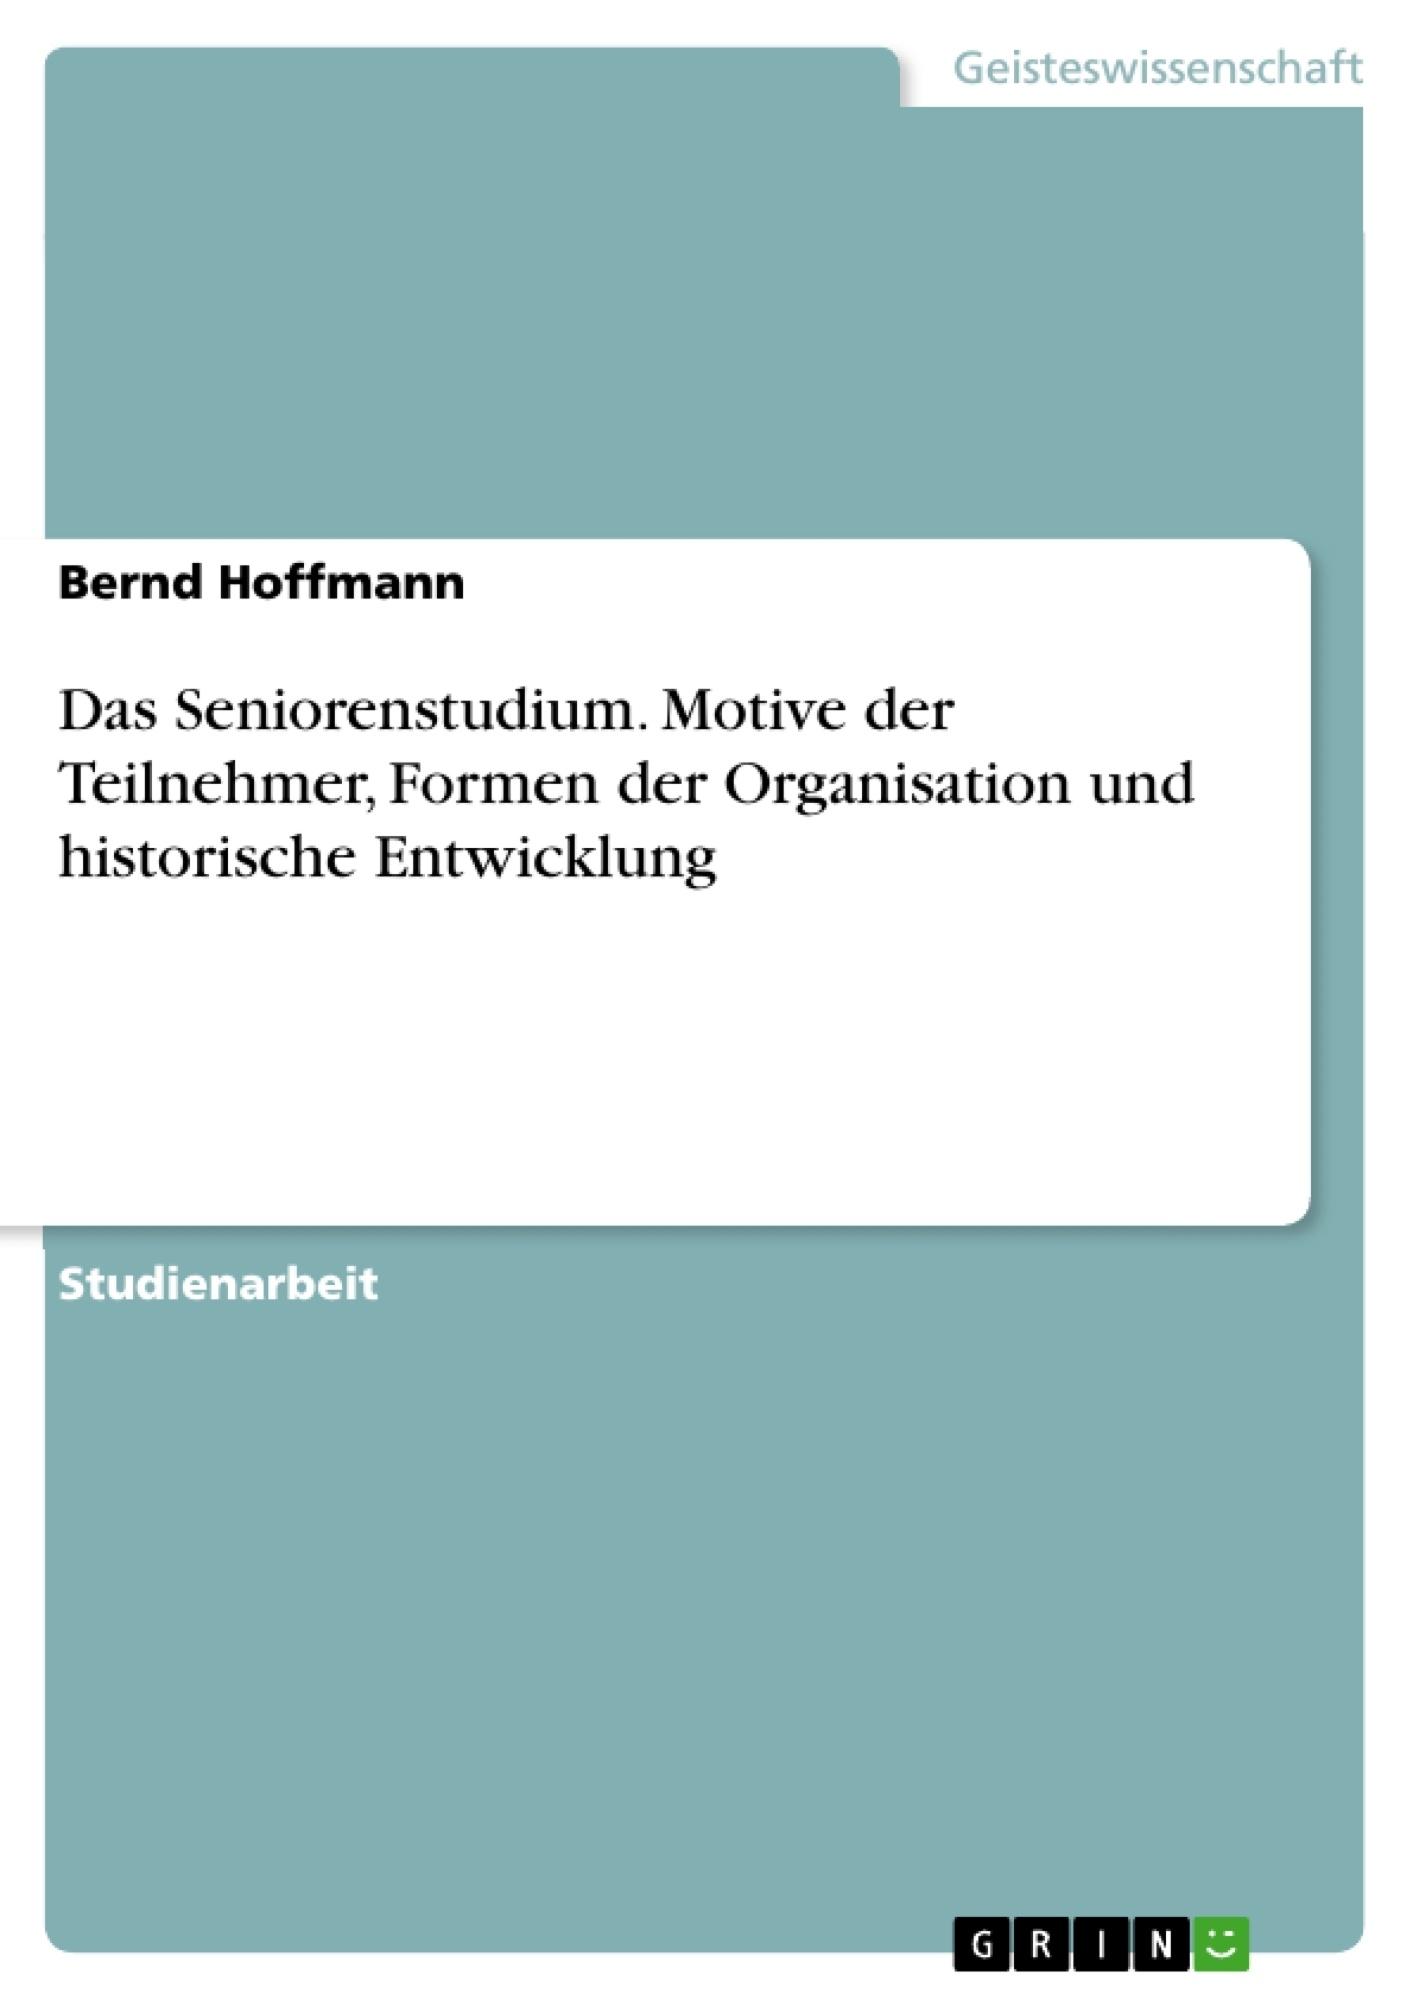 Titel: Das Seniorenstudium. Motive der Teilnehmer, Formen der Organisation und historische Entwicklung